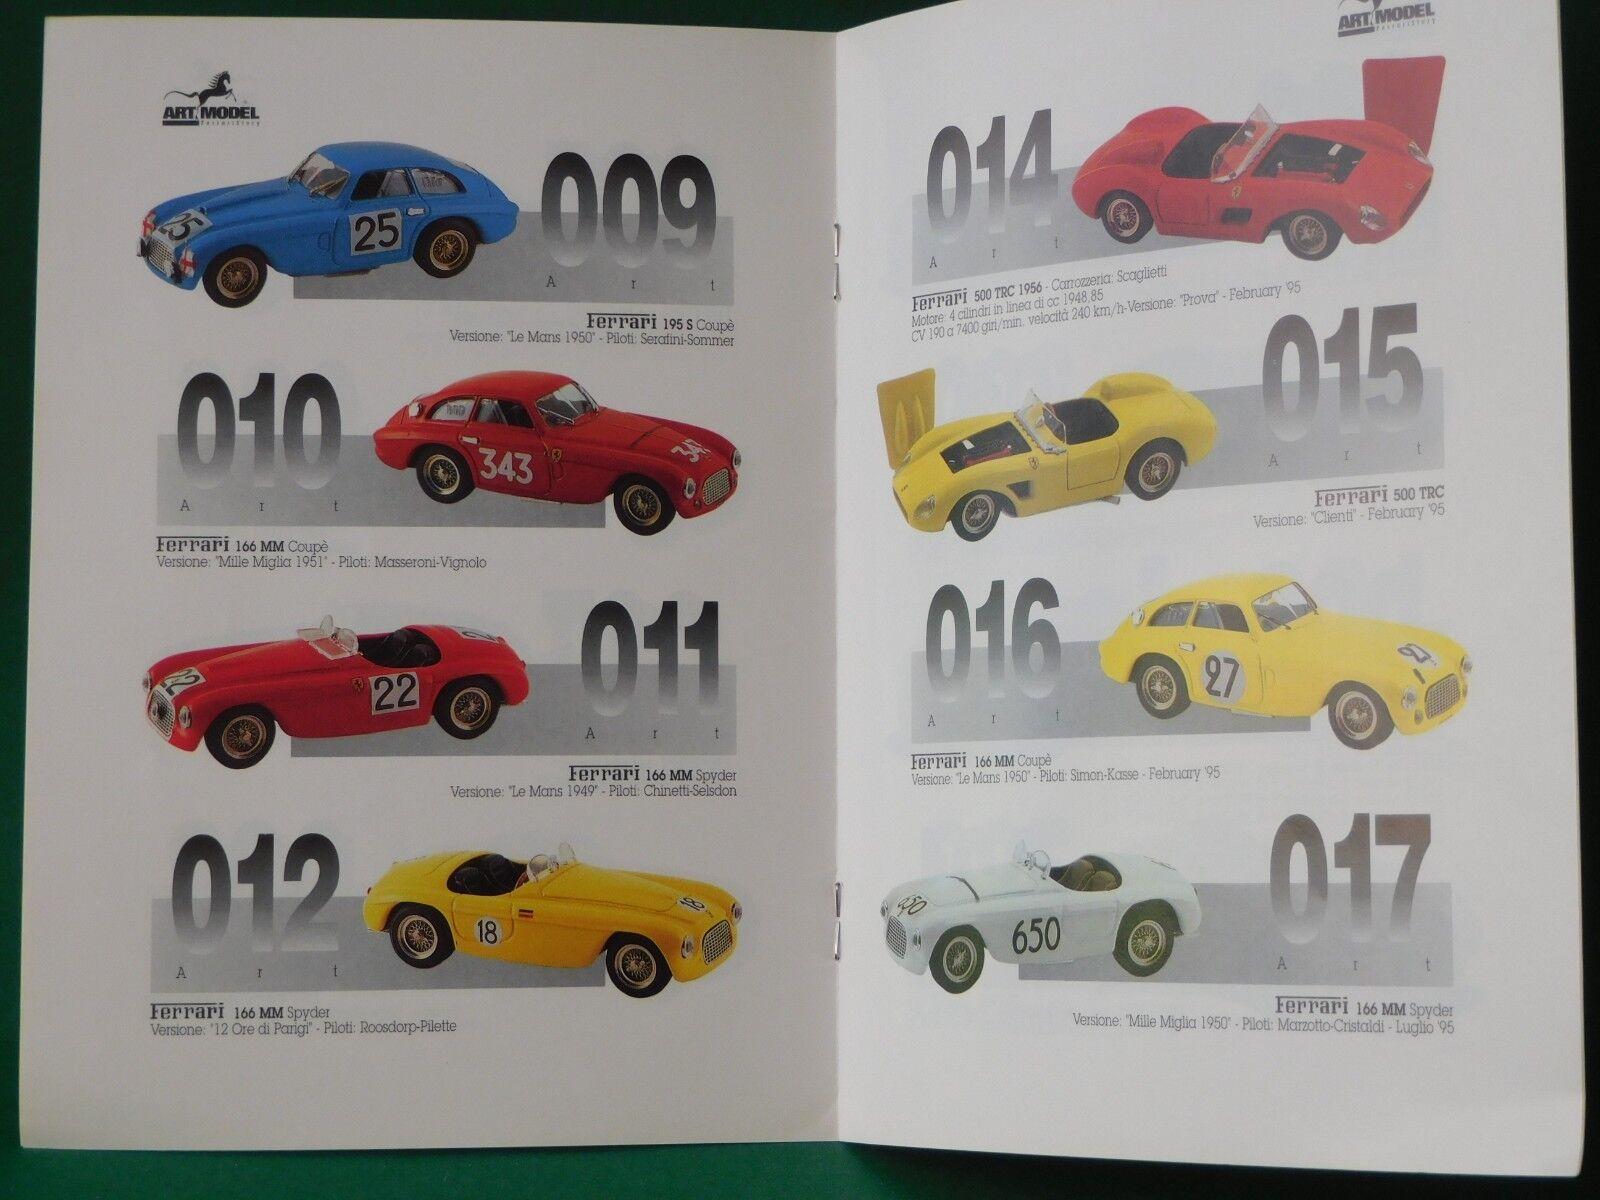 Art Model nº 2 1995 catálogo modelo modelo modelo auto catálogo Catalogue maquetas de coches 4d949c